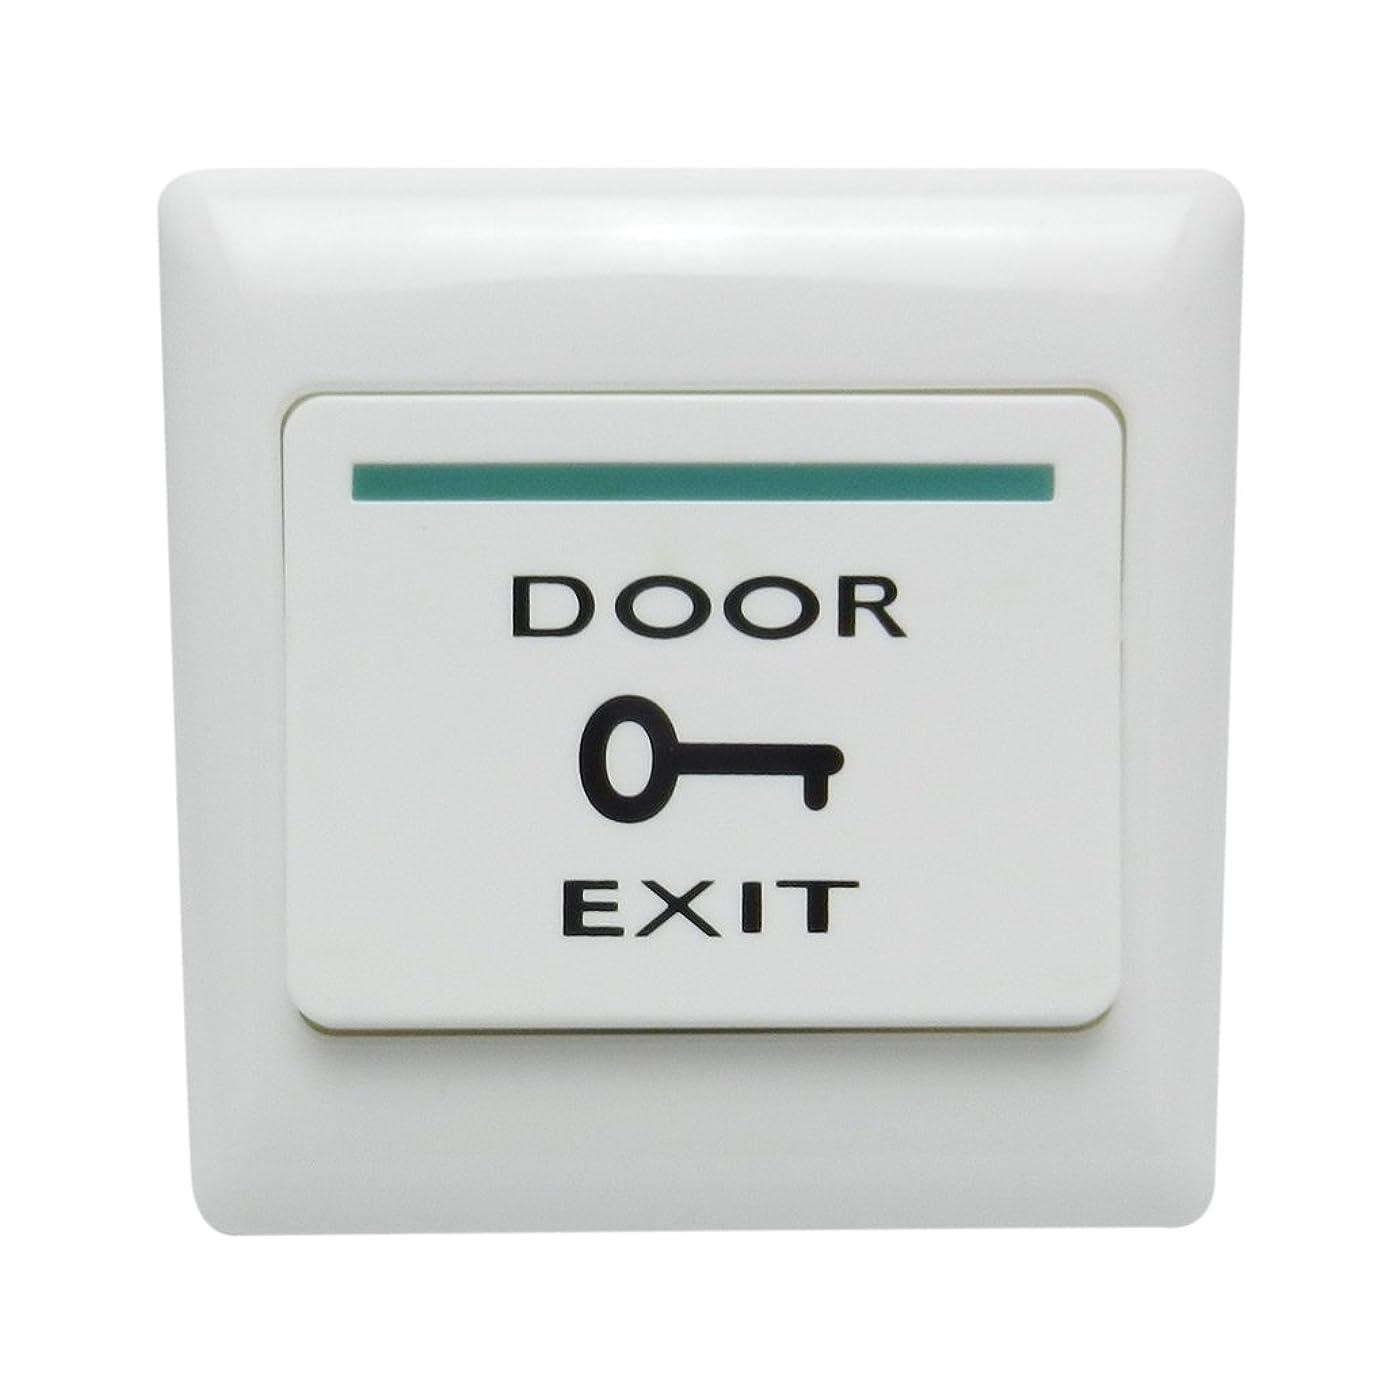 手段君主突き刺すD DOLITY ドア アクセス管理 3A 36V 磁気ロック 出口 リリースボタンスイッチ 押しボタン式